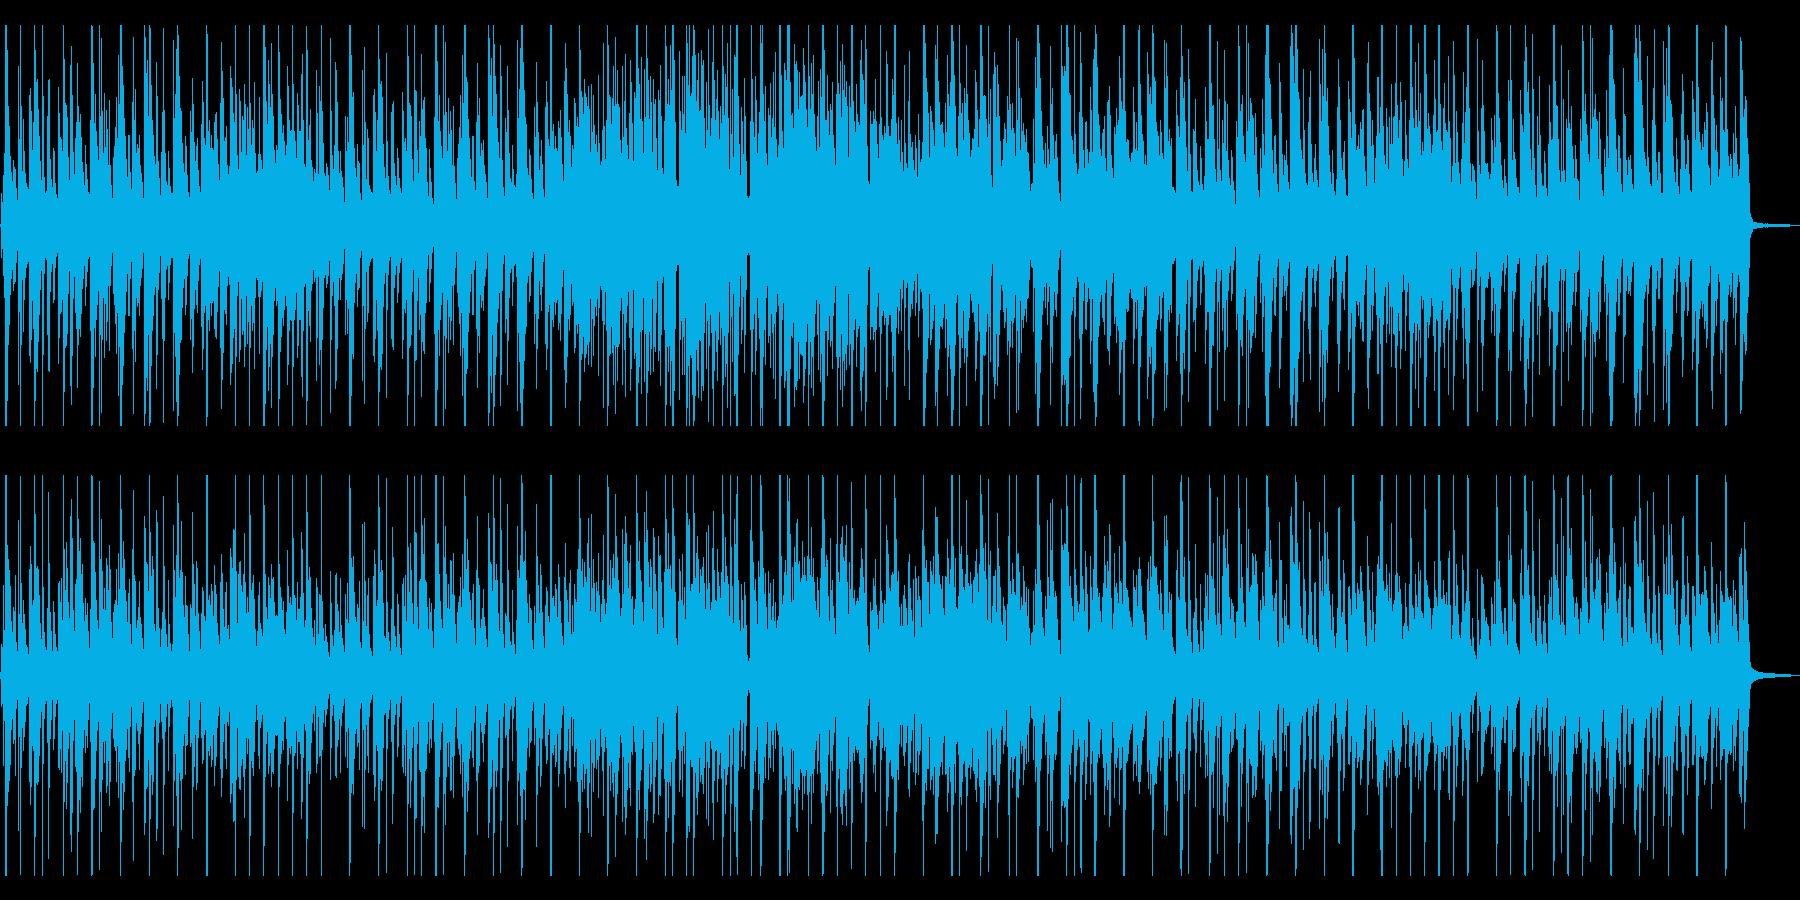 一味違う、「ホンモノ」のピアノジャズ。の再生済みの波形